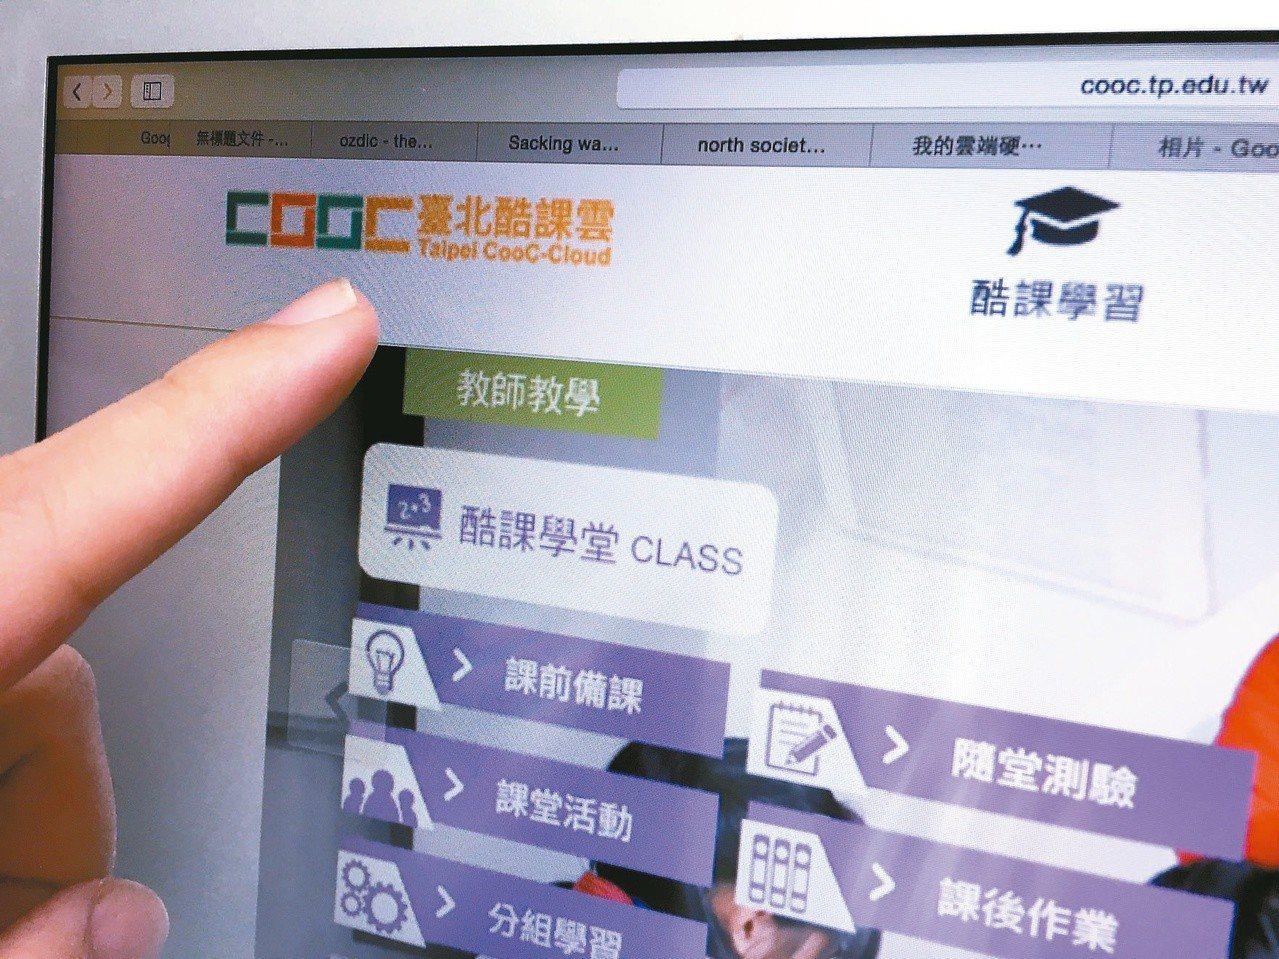 「酷課雲」提供數位學習平台,「以學生學習為中心」的教育雲,核心理念是「以學生學習...